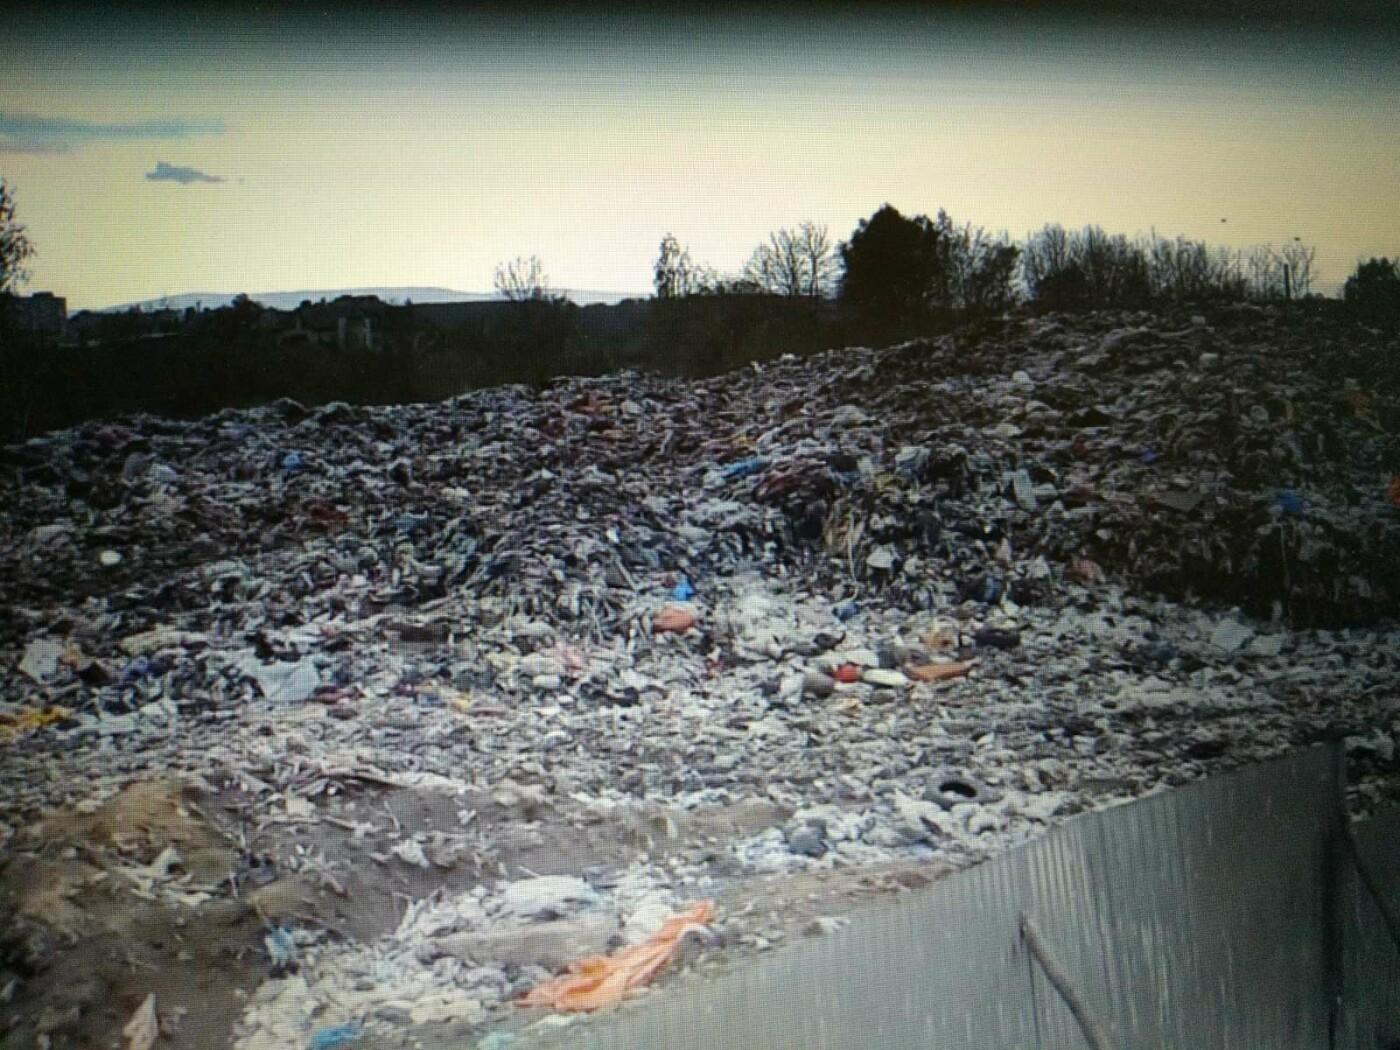 Нестерпний сморід у Дрогобичі або реалії життя на Гайдамацькій, фото-1